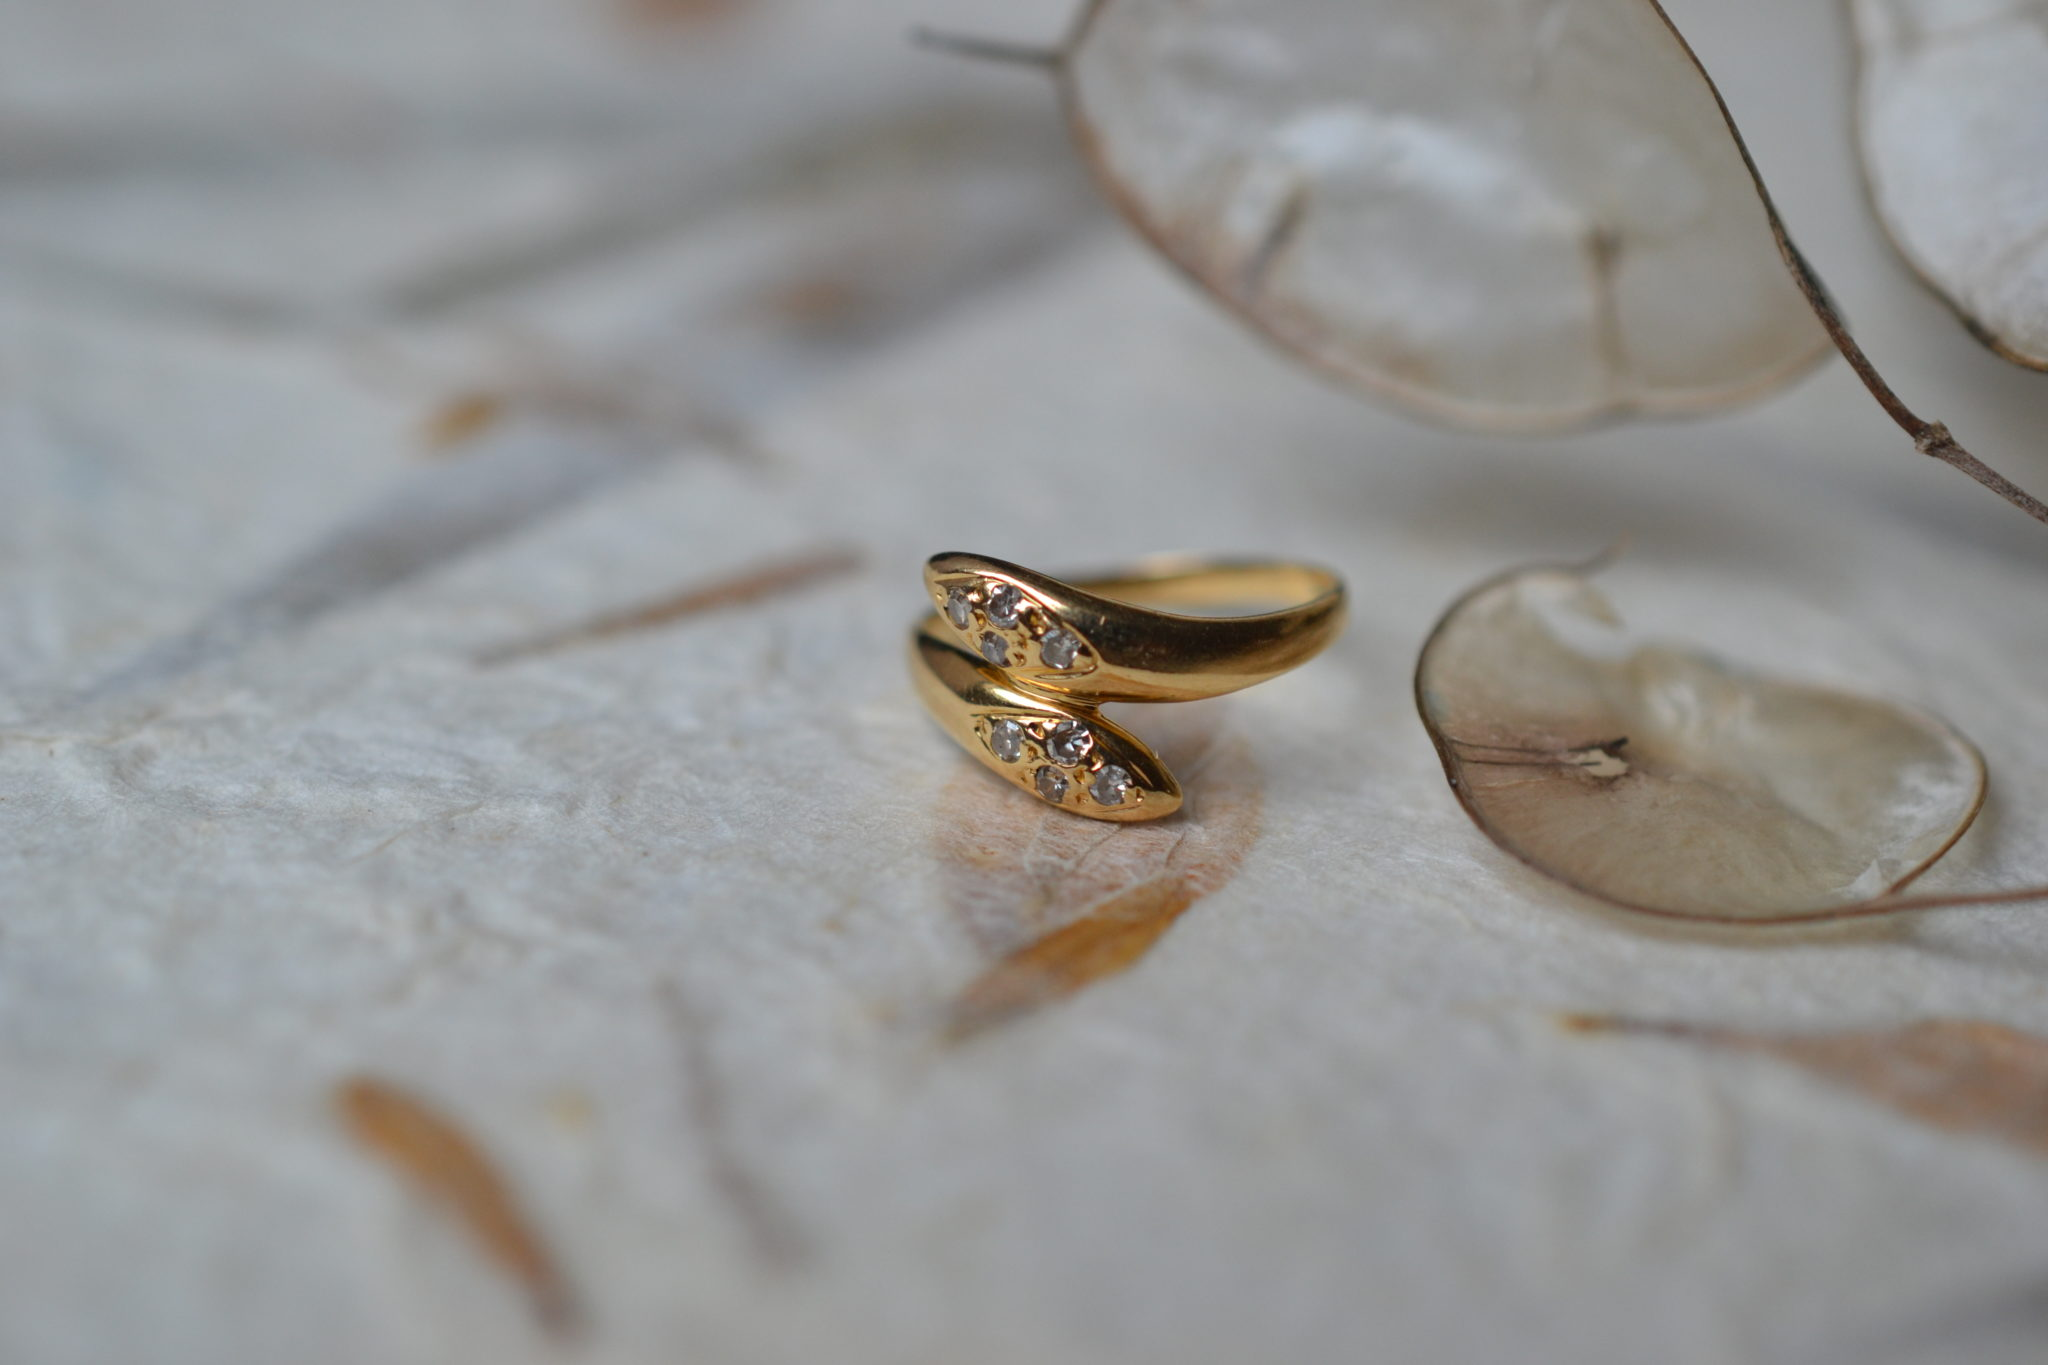 Bague de petit doigt en forme de serpents entrelacés en Or jaune ornée de 8 diamants bijou seconde main